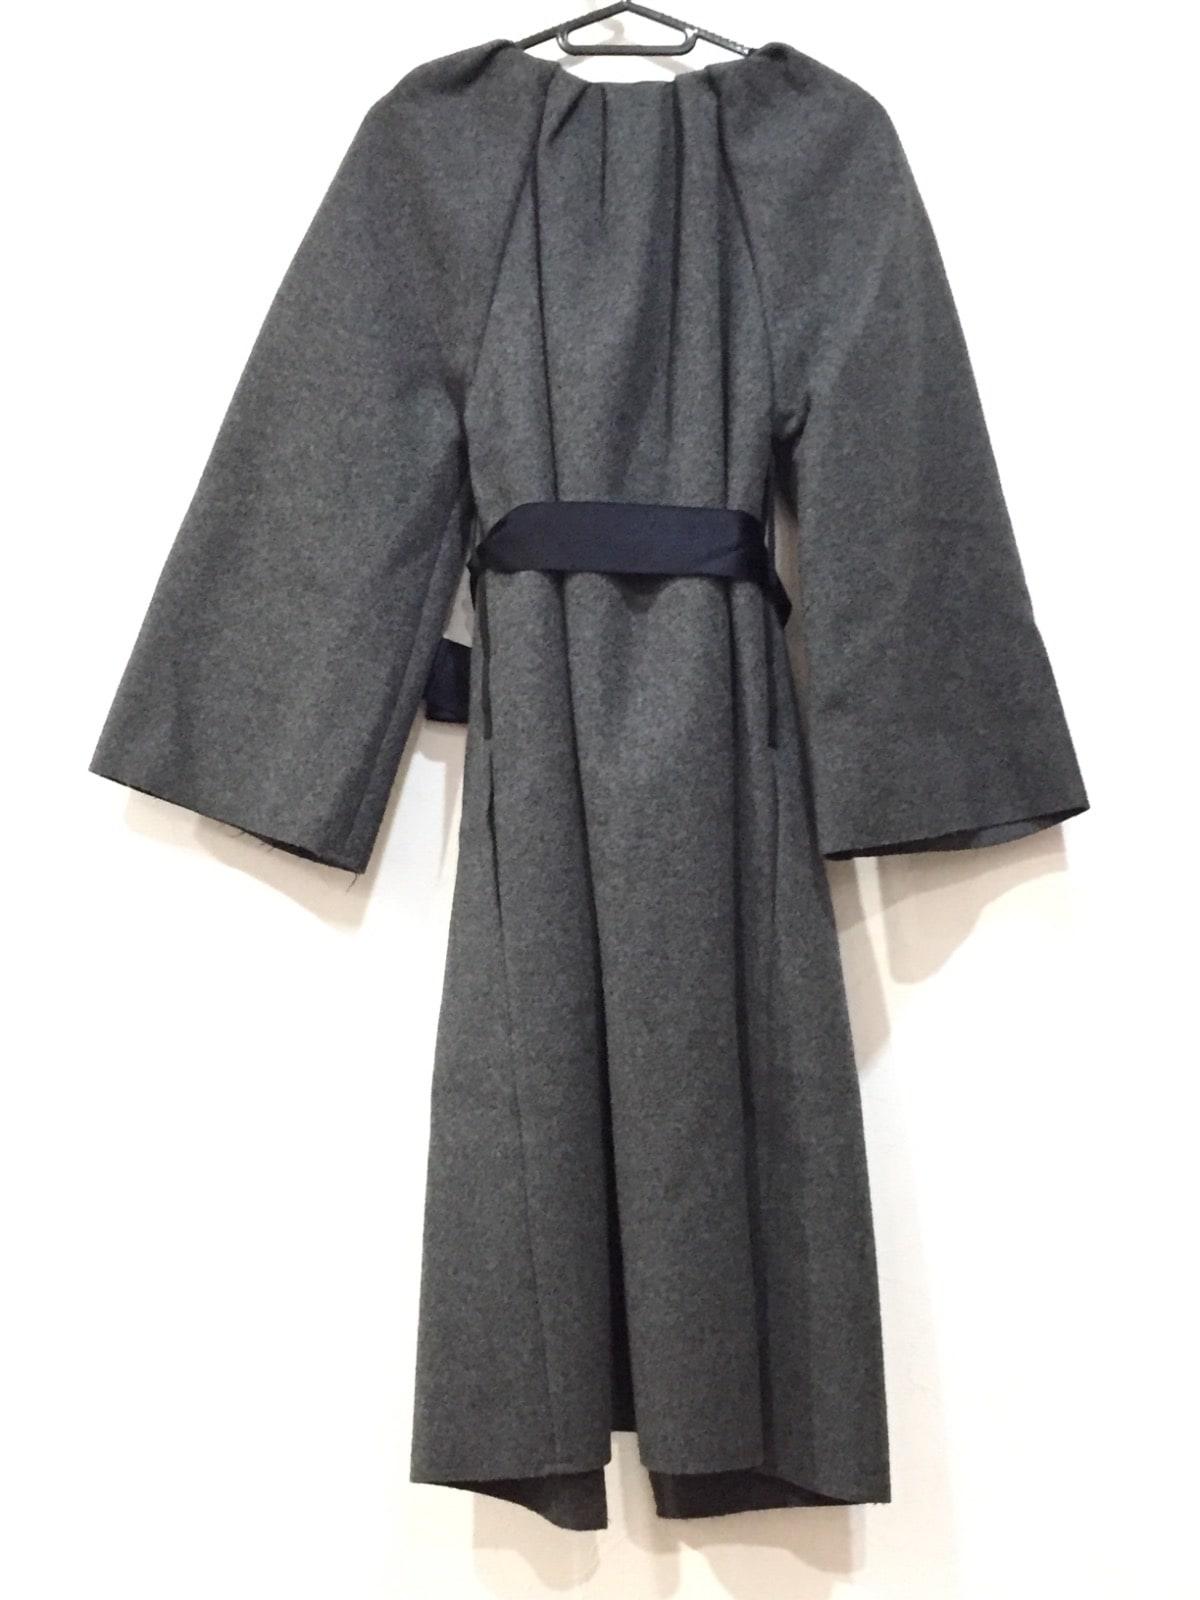 LANVIN(ランバン)のコート